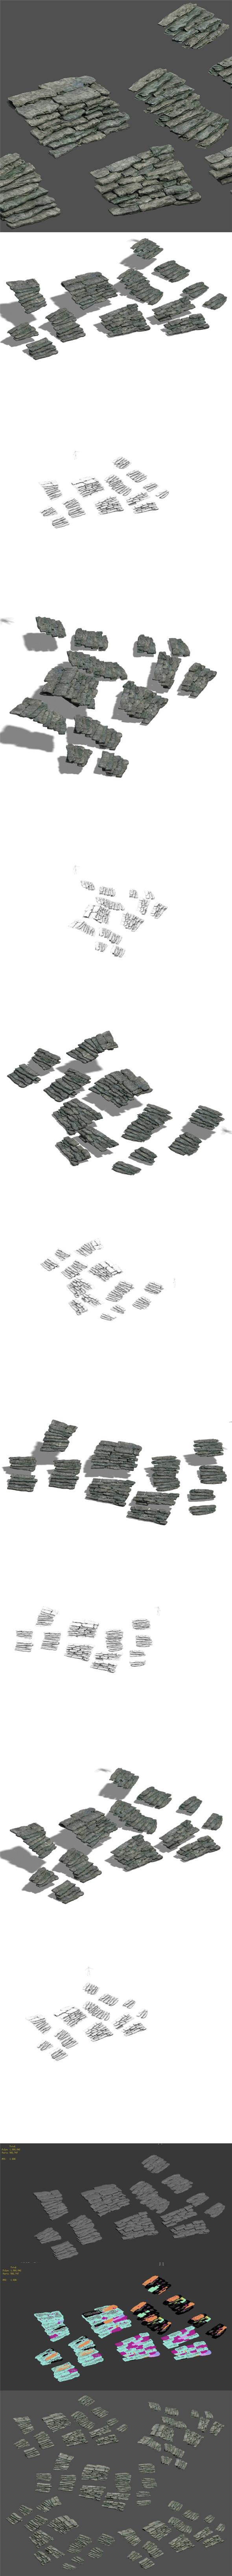 Shushan - stone ladder - 3DOcean Item for Sale